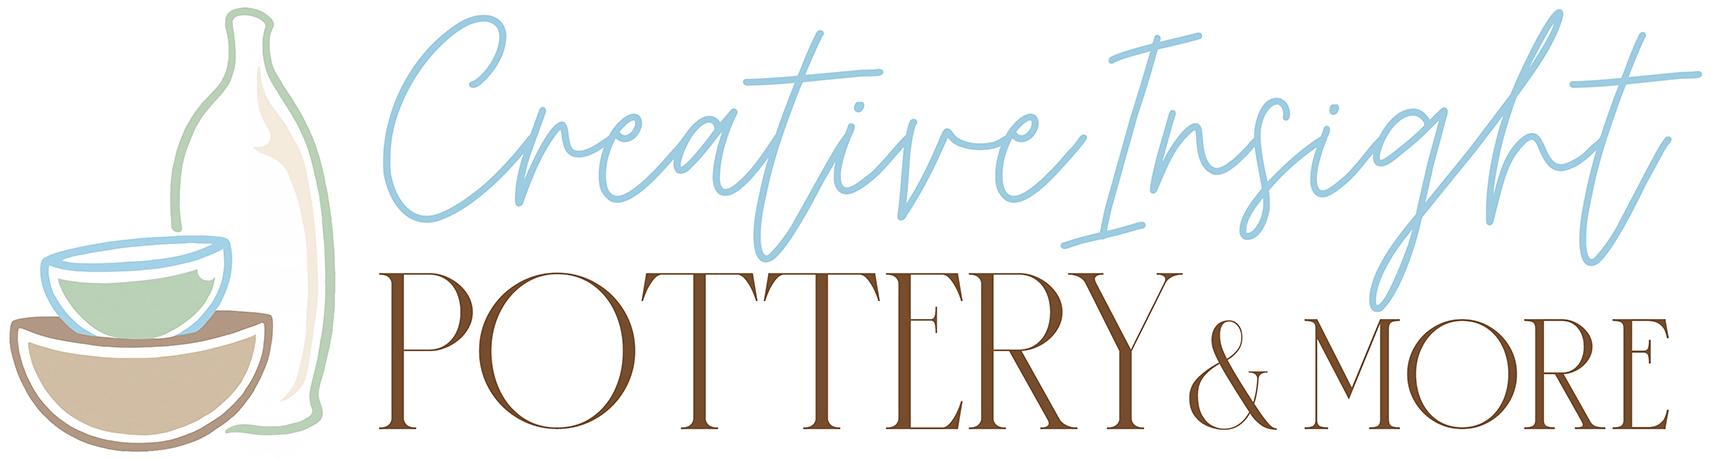 Creative Insight Pottery